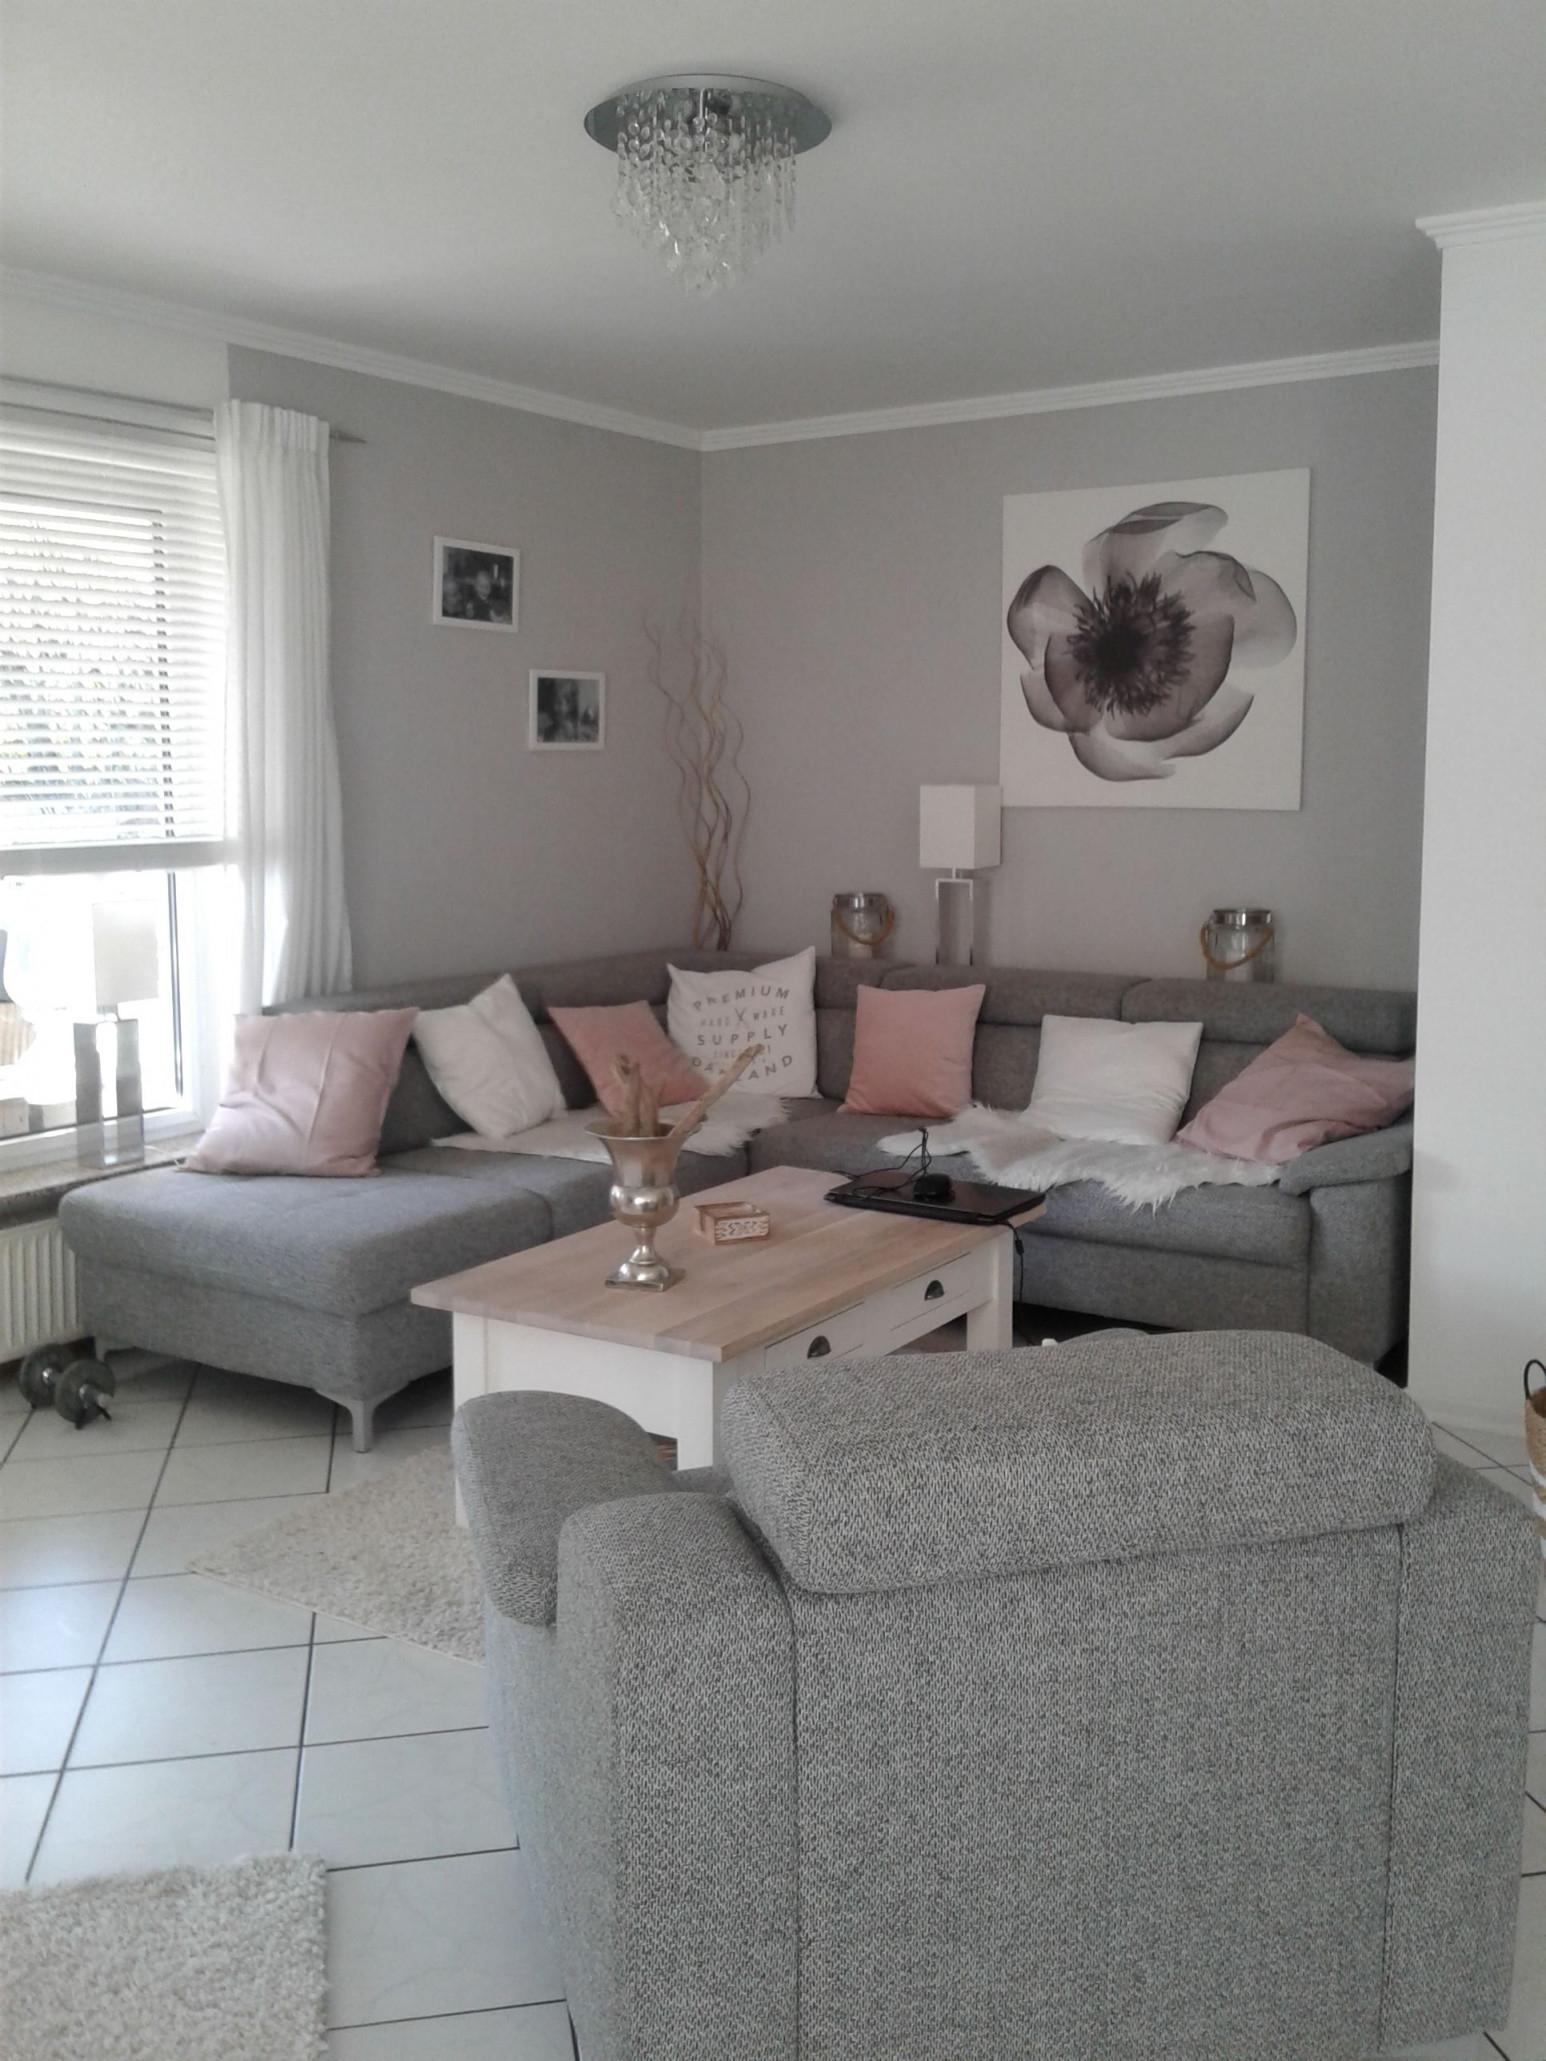 Wohnzimmer In Grau Weiß Und Farbtupfer In Matt Rosa von Deko Wohnzimmer Weiß Bild